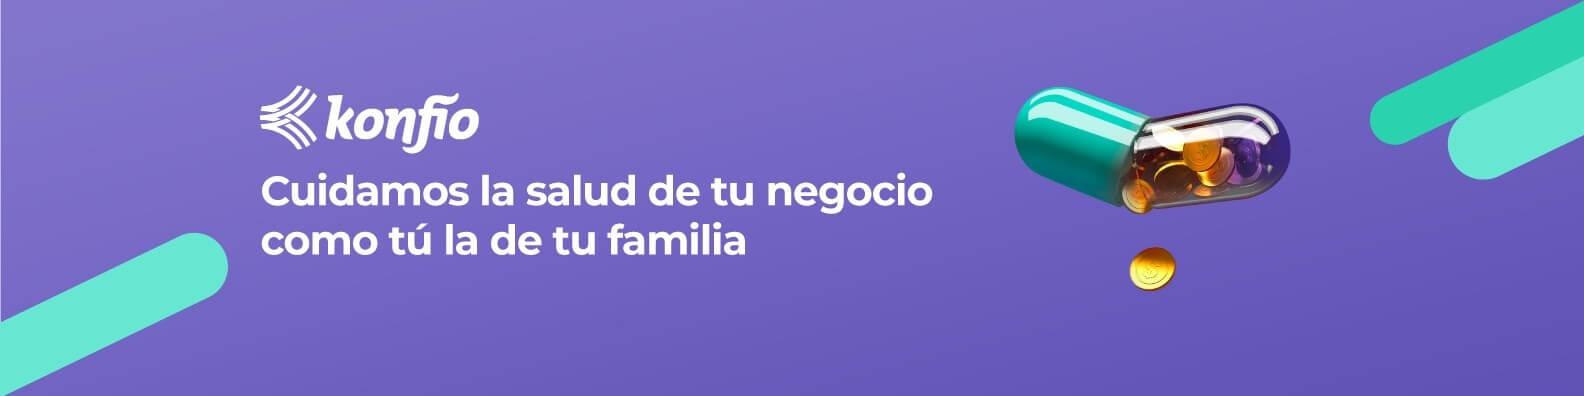 Konfio-fondo